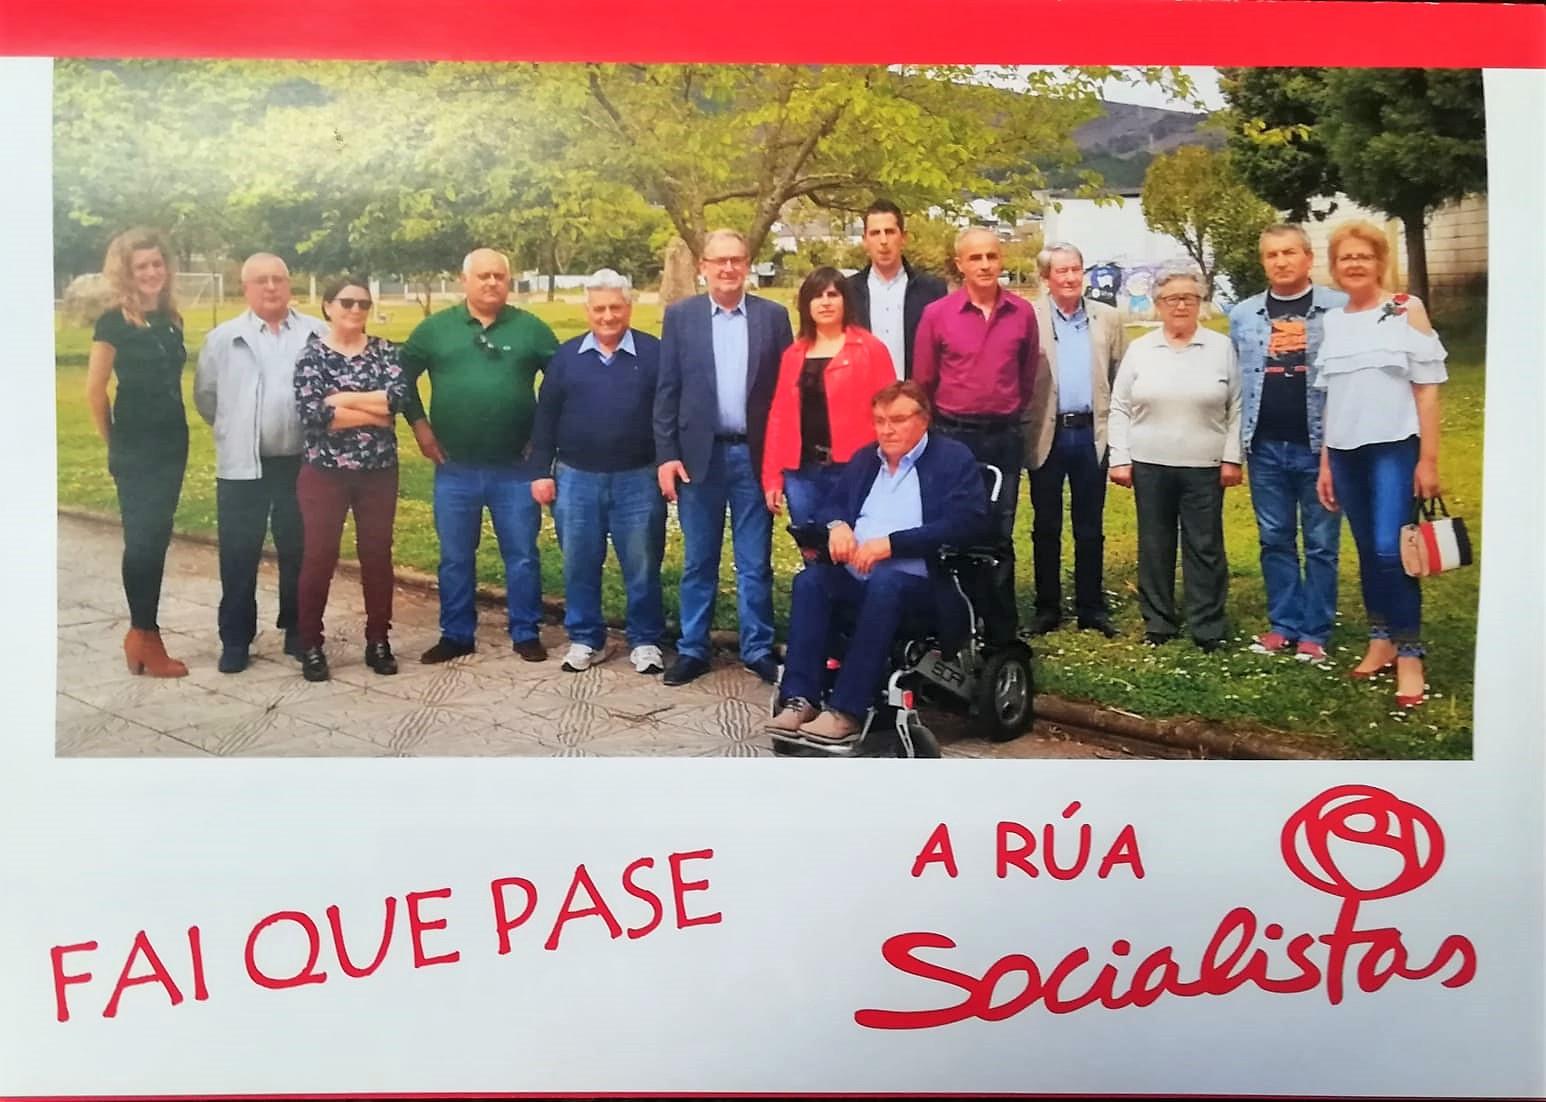 """El PSOE de A Rúa: programa """"de compromisos"""" y mítin para el sábado"""